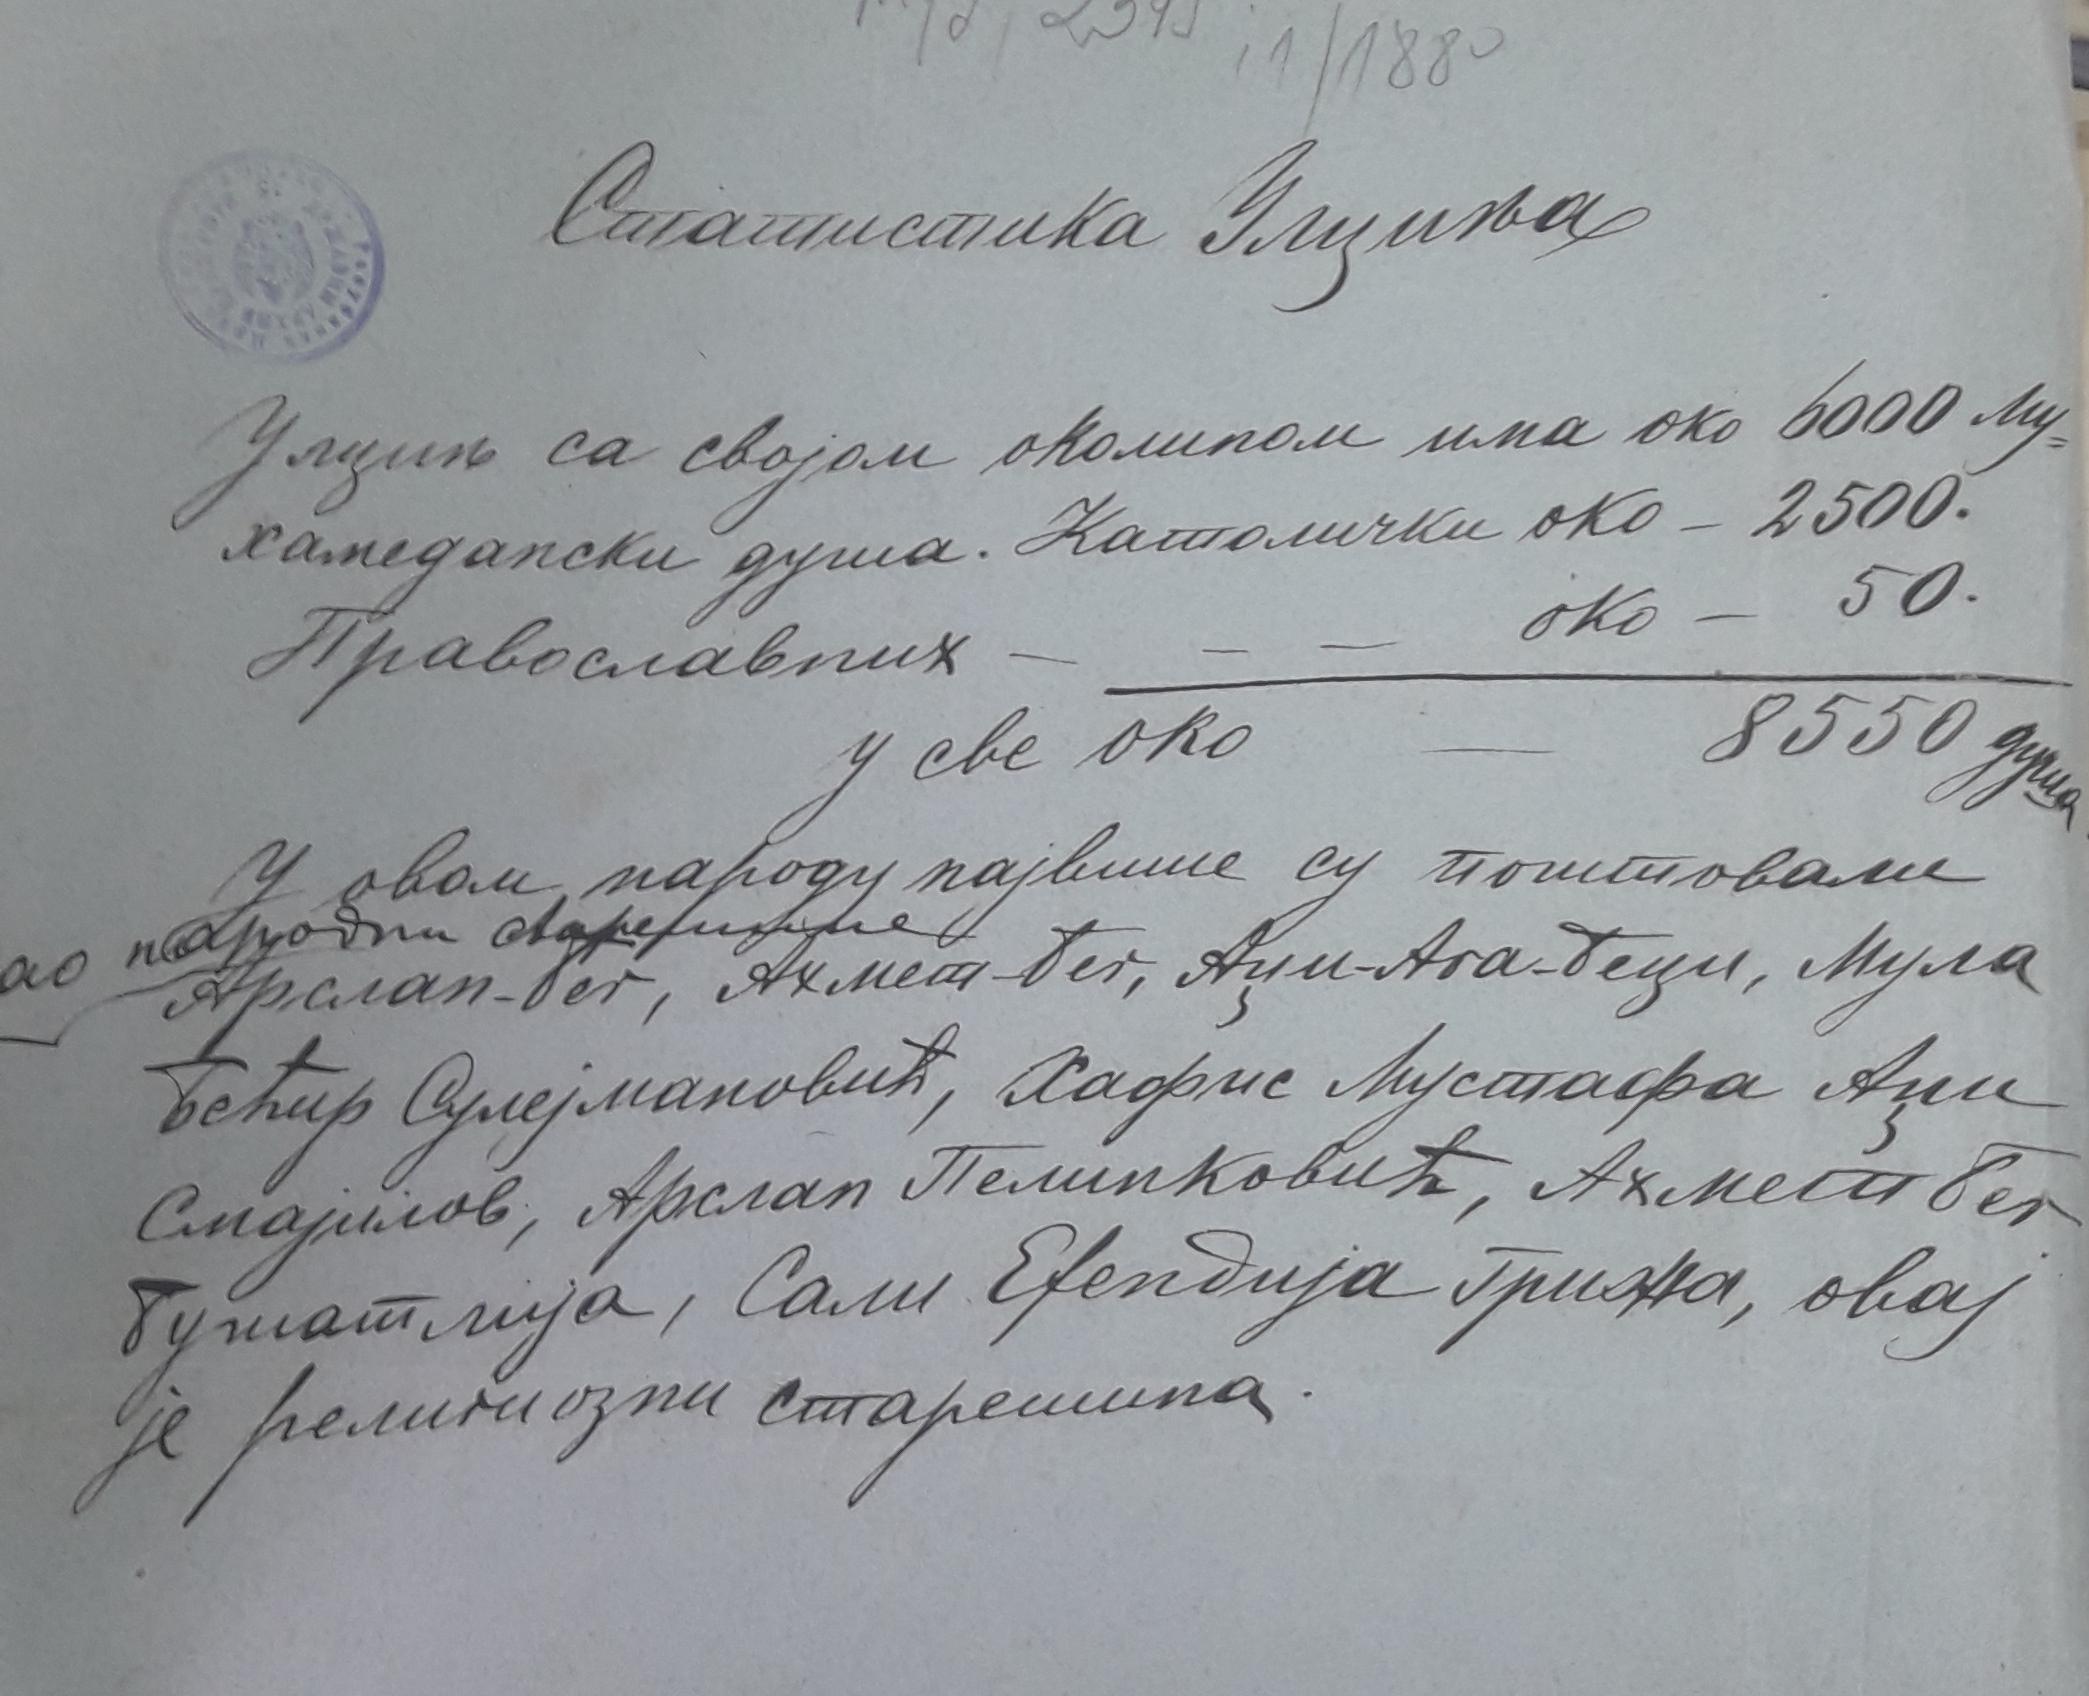 Statistika Ulcinja, broj stanovnika, MUD,1880.